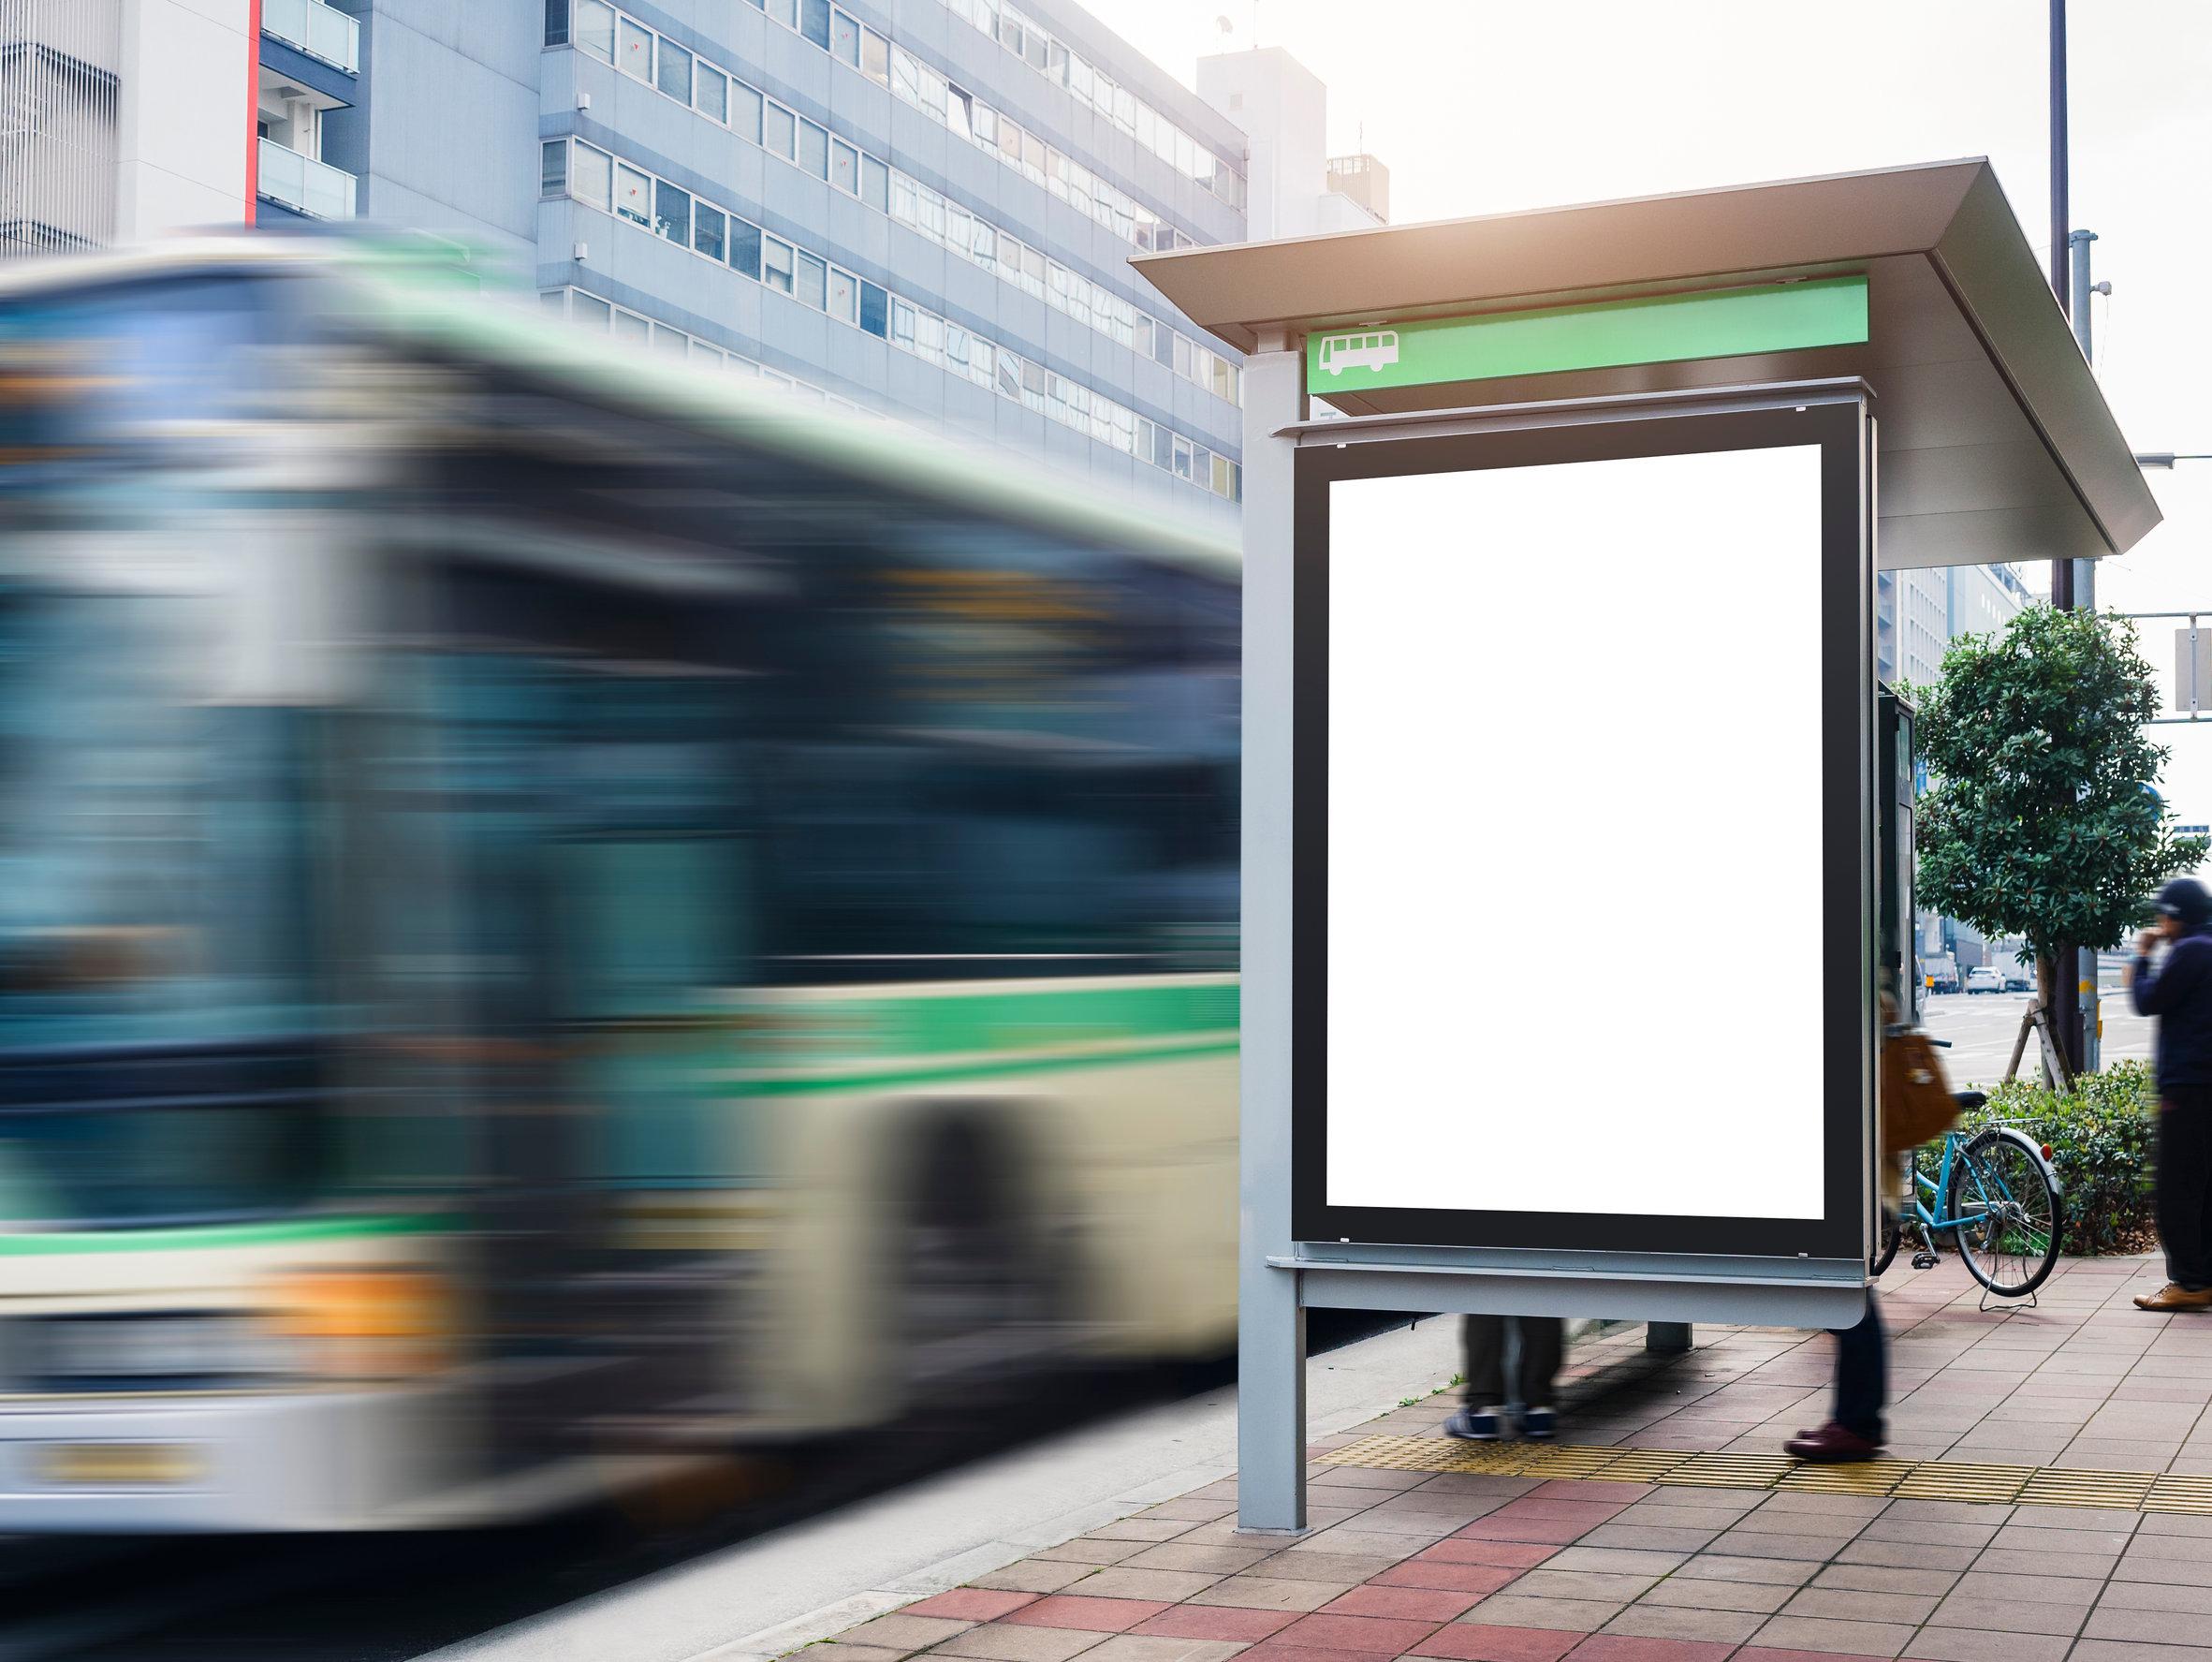 バス停サイネージ123RF